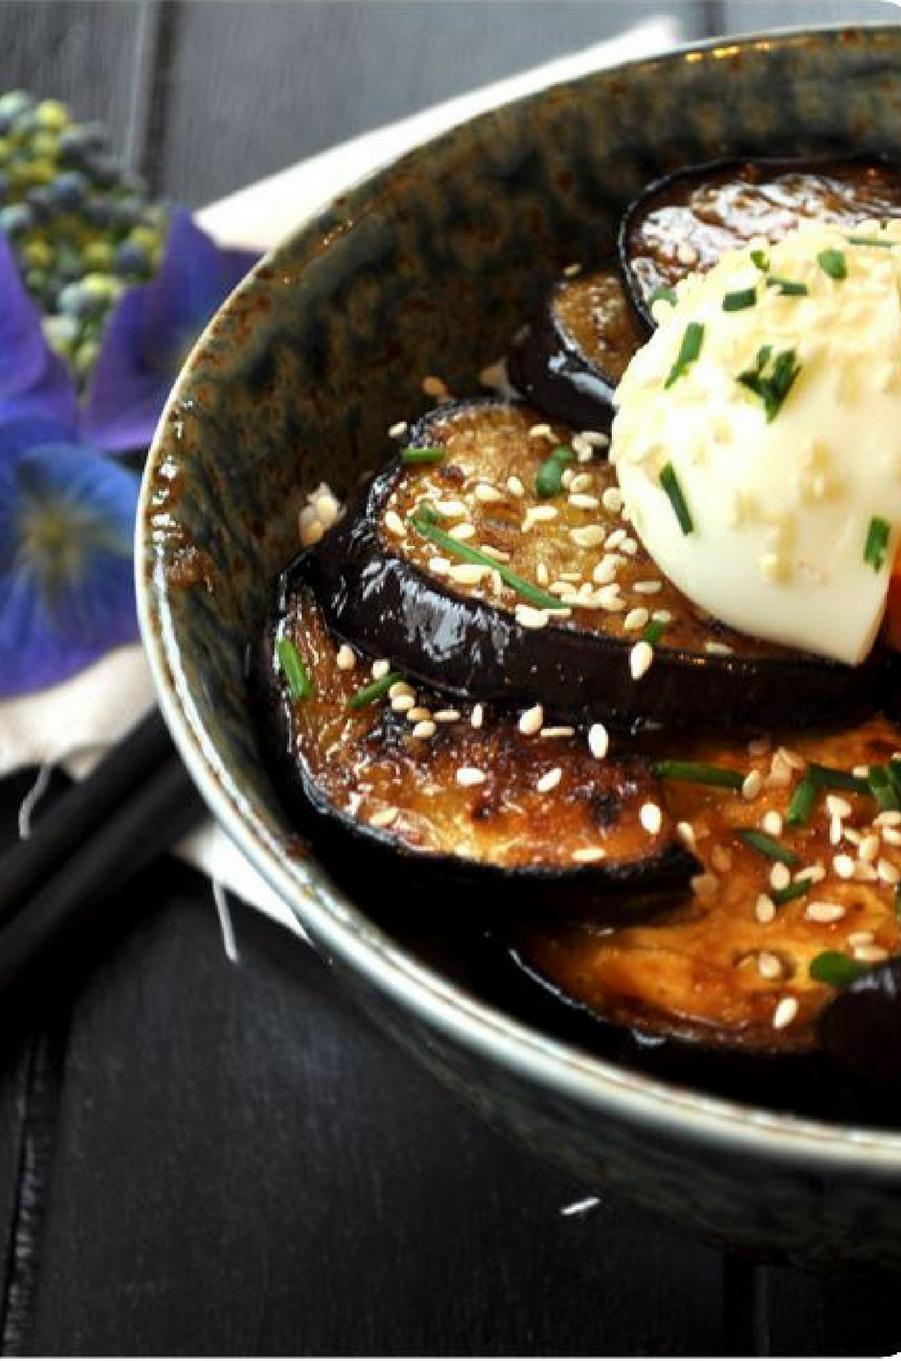 Le donburi, plat typique composé de riz et d'une garniture au choix (ici des aubergines)https://www.pinterest.fr/pin/141441244525022165/